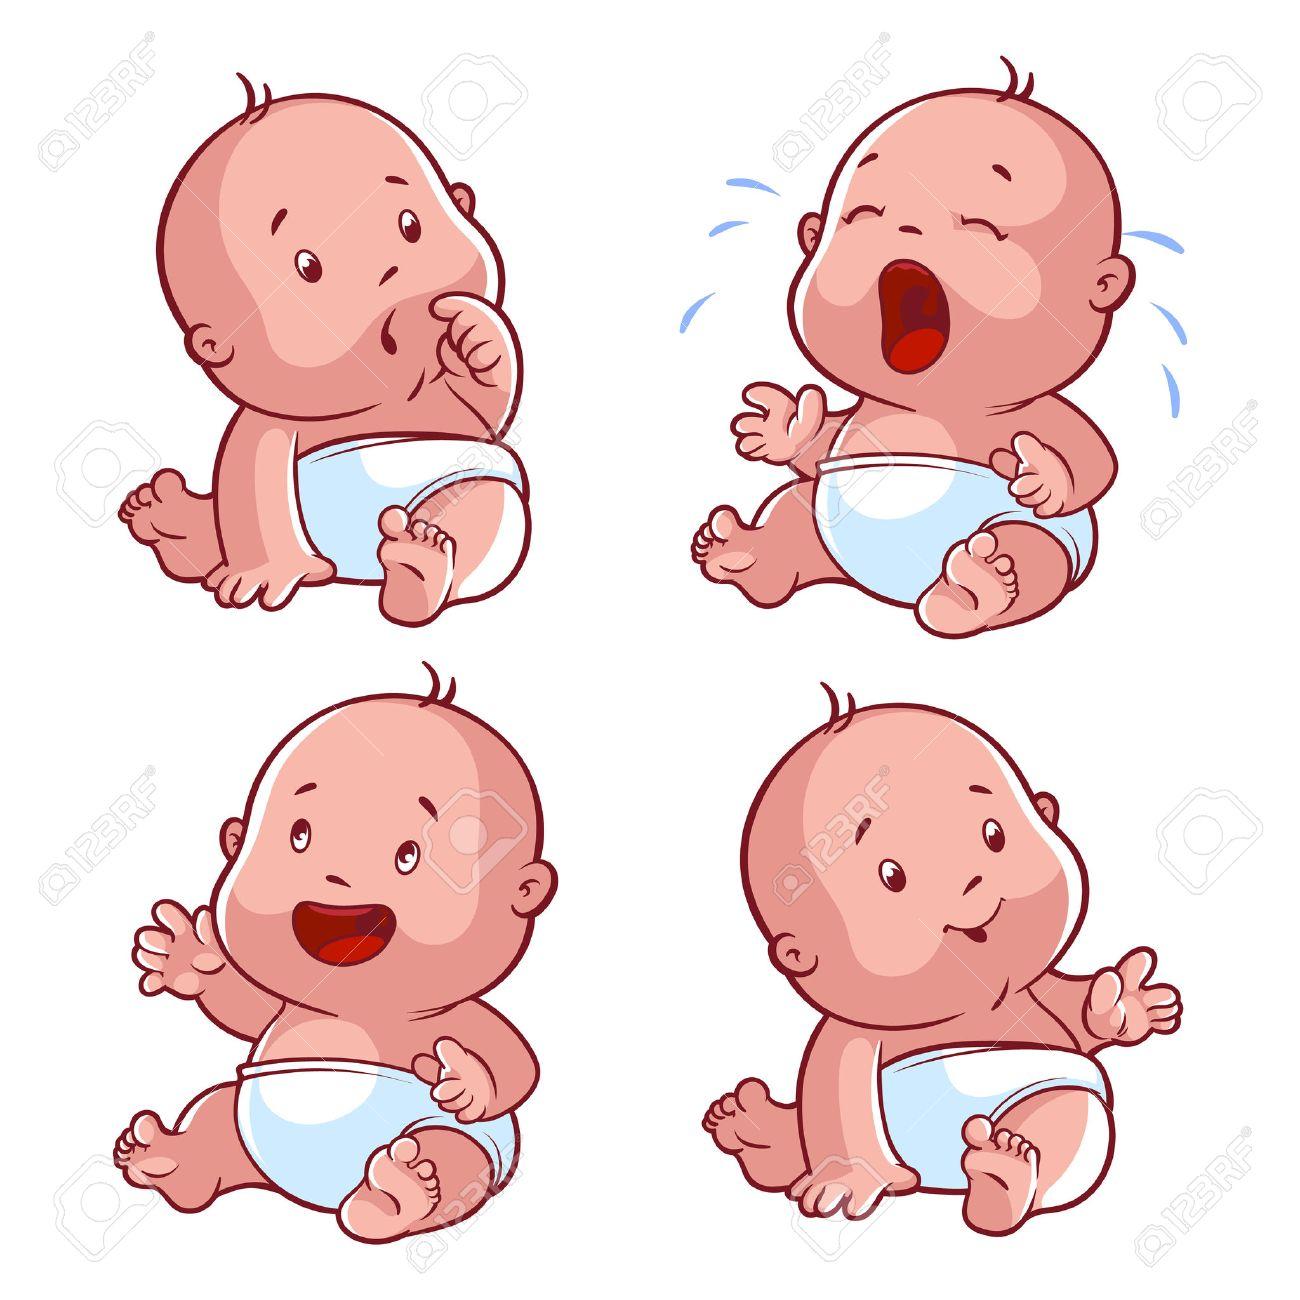 乳児 ロイヤリティーフリーフォト、ピクチャー、画像、ストックフォト